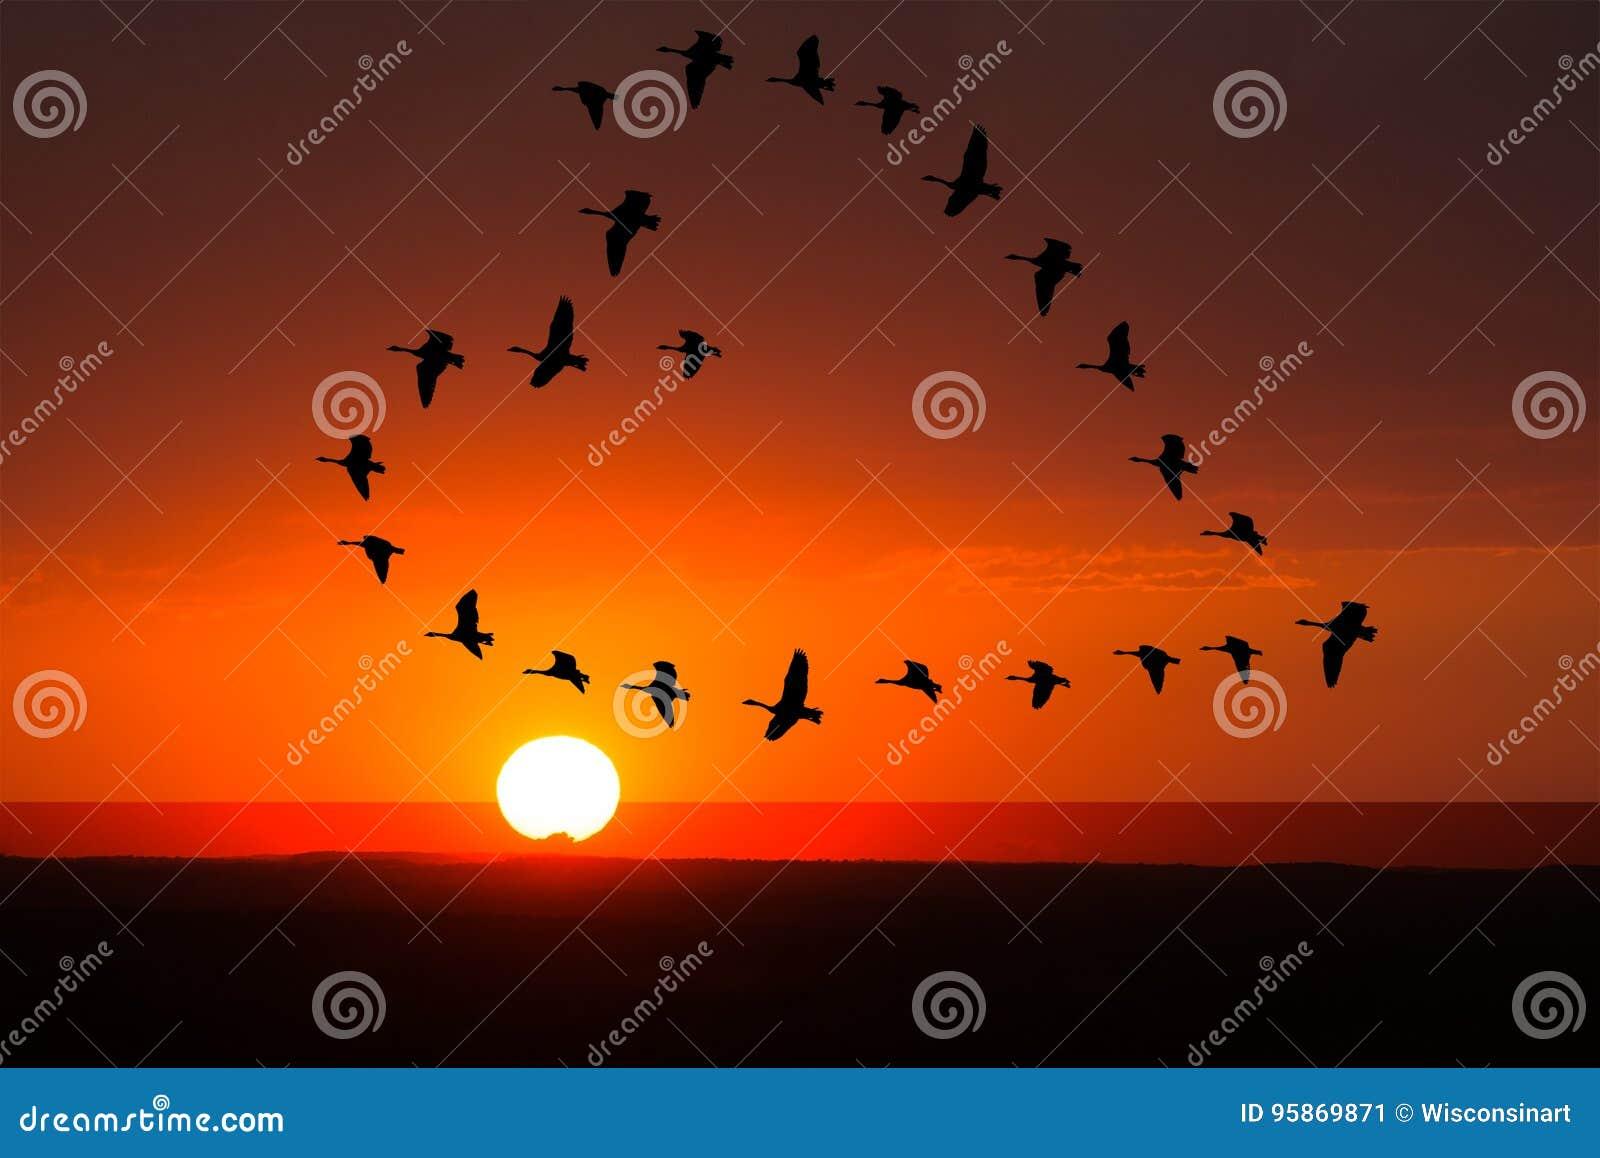 Ανατολή, αγάπη ηλιοβασιλέματος, ειδύλλιο, πουλιά